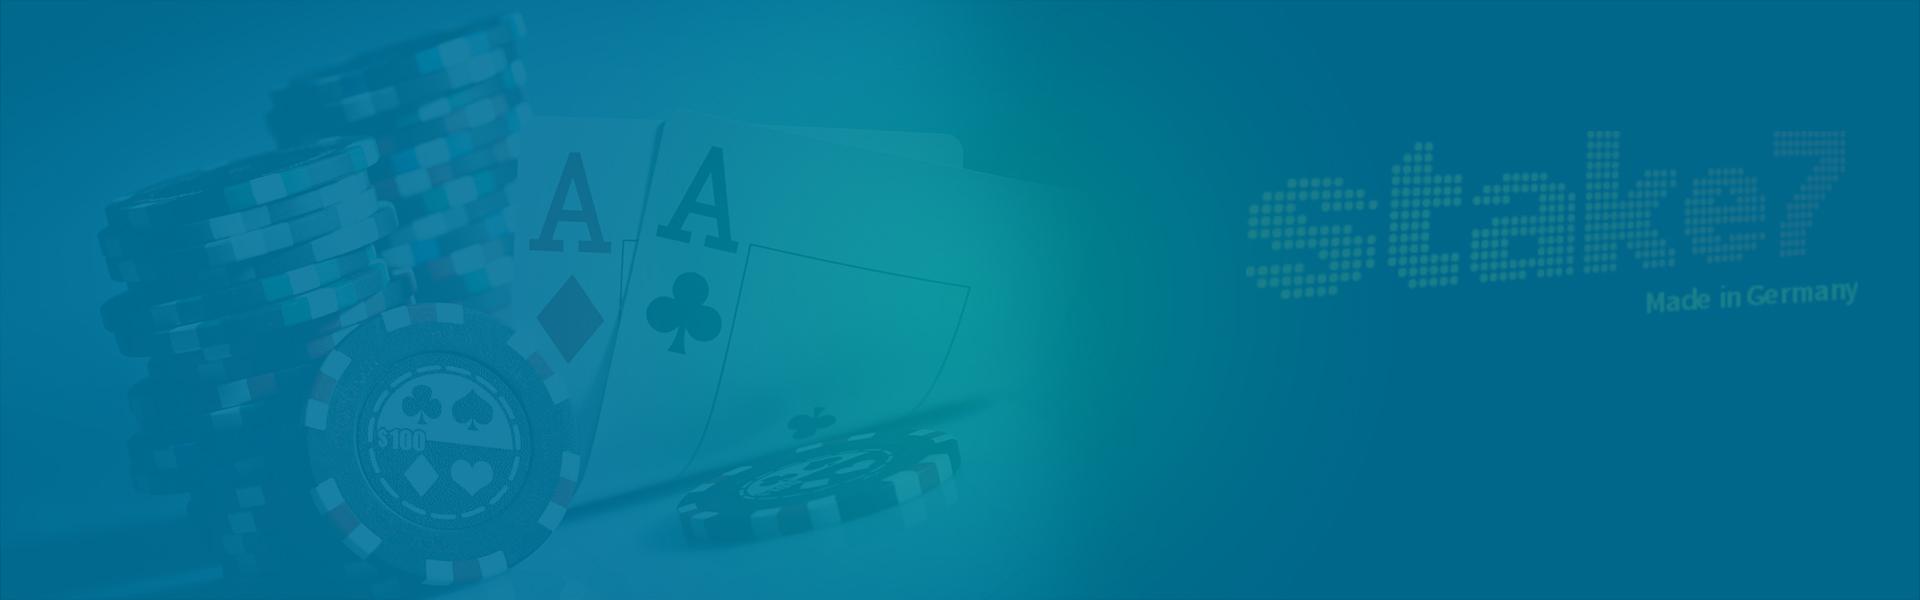 Online Casino Niedersachsen - 10592